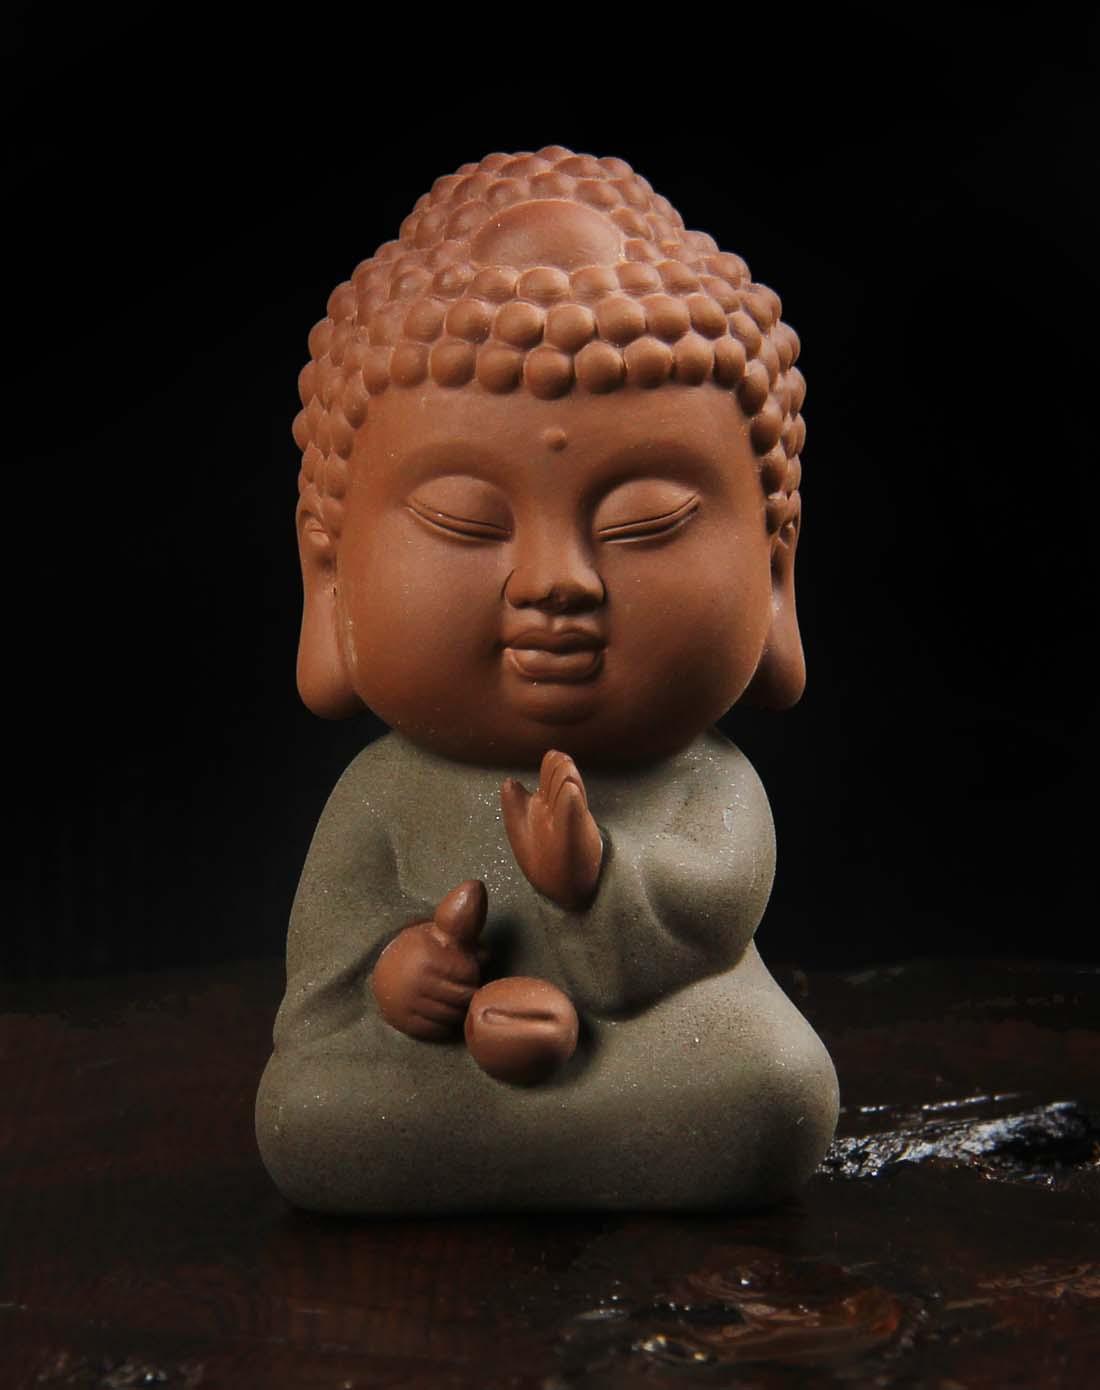 佛道六度(随缘)沙弥茶宠纯手工雕刻摆件